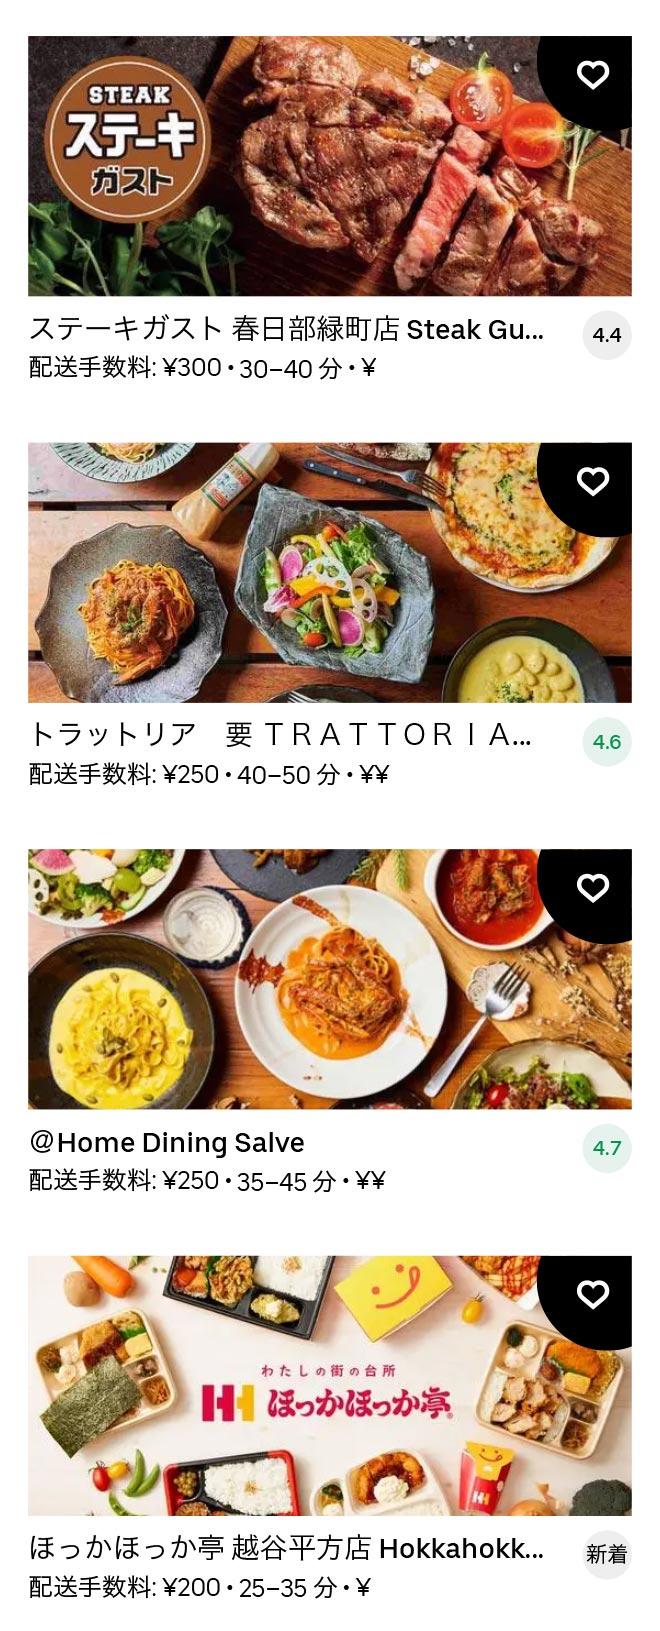 Takesato menu 2101 04